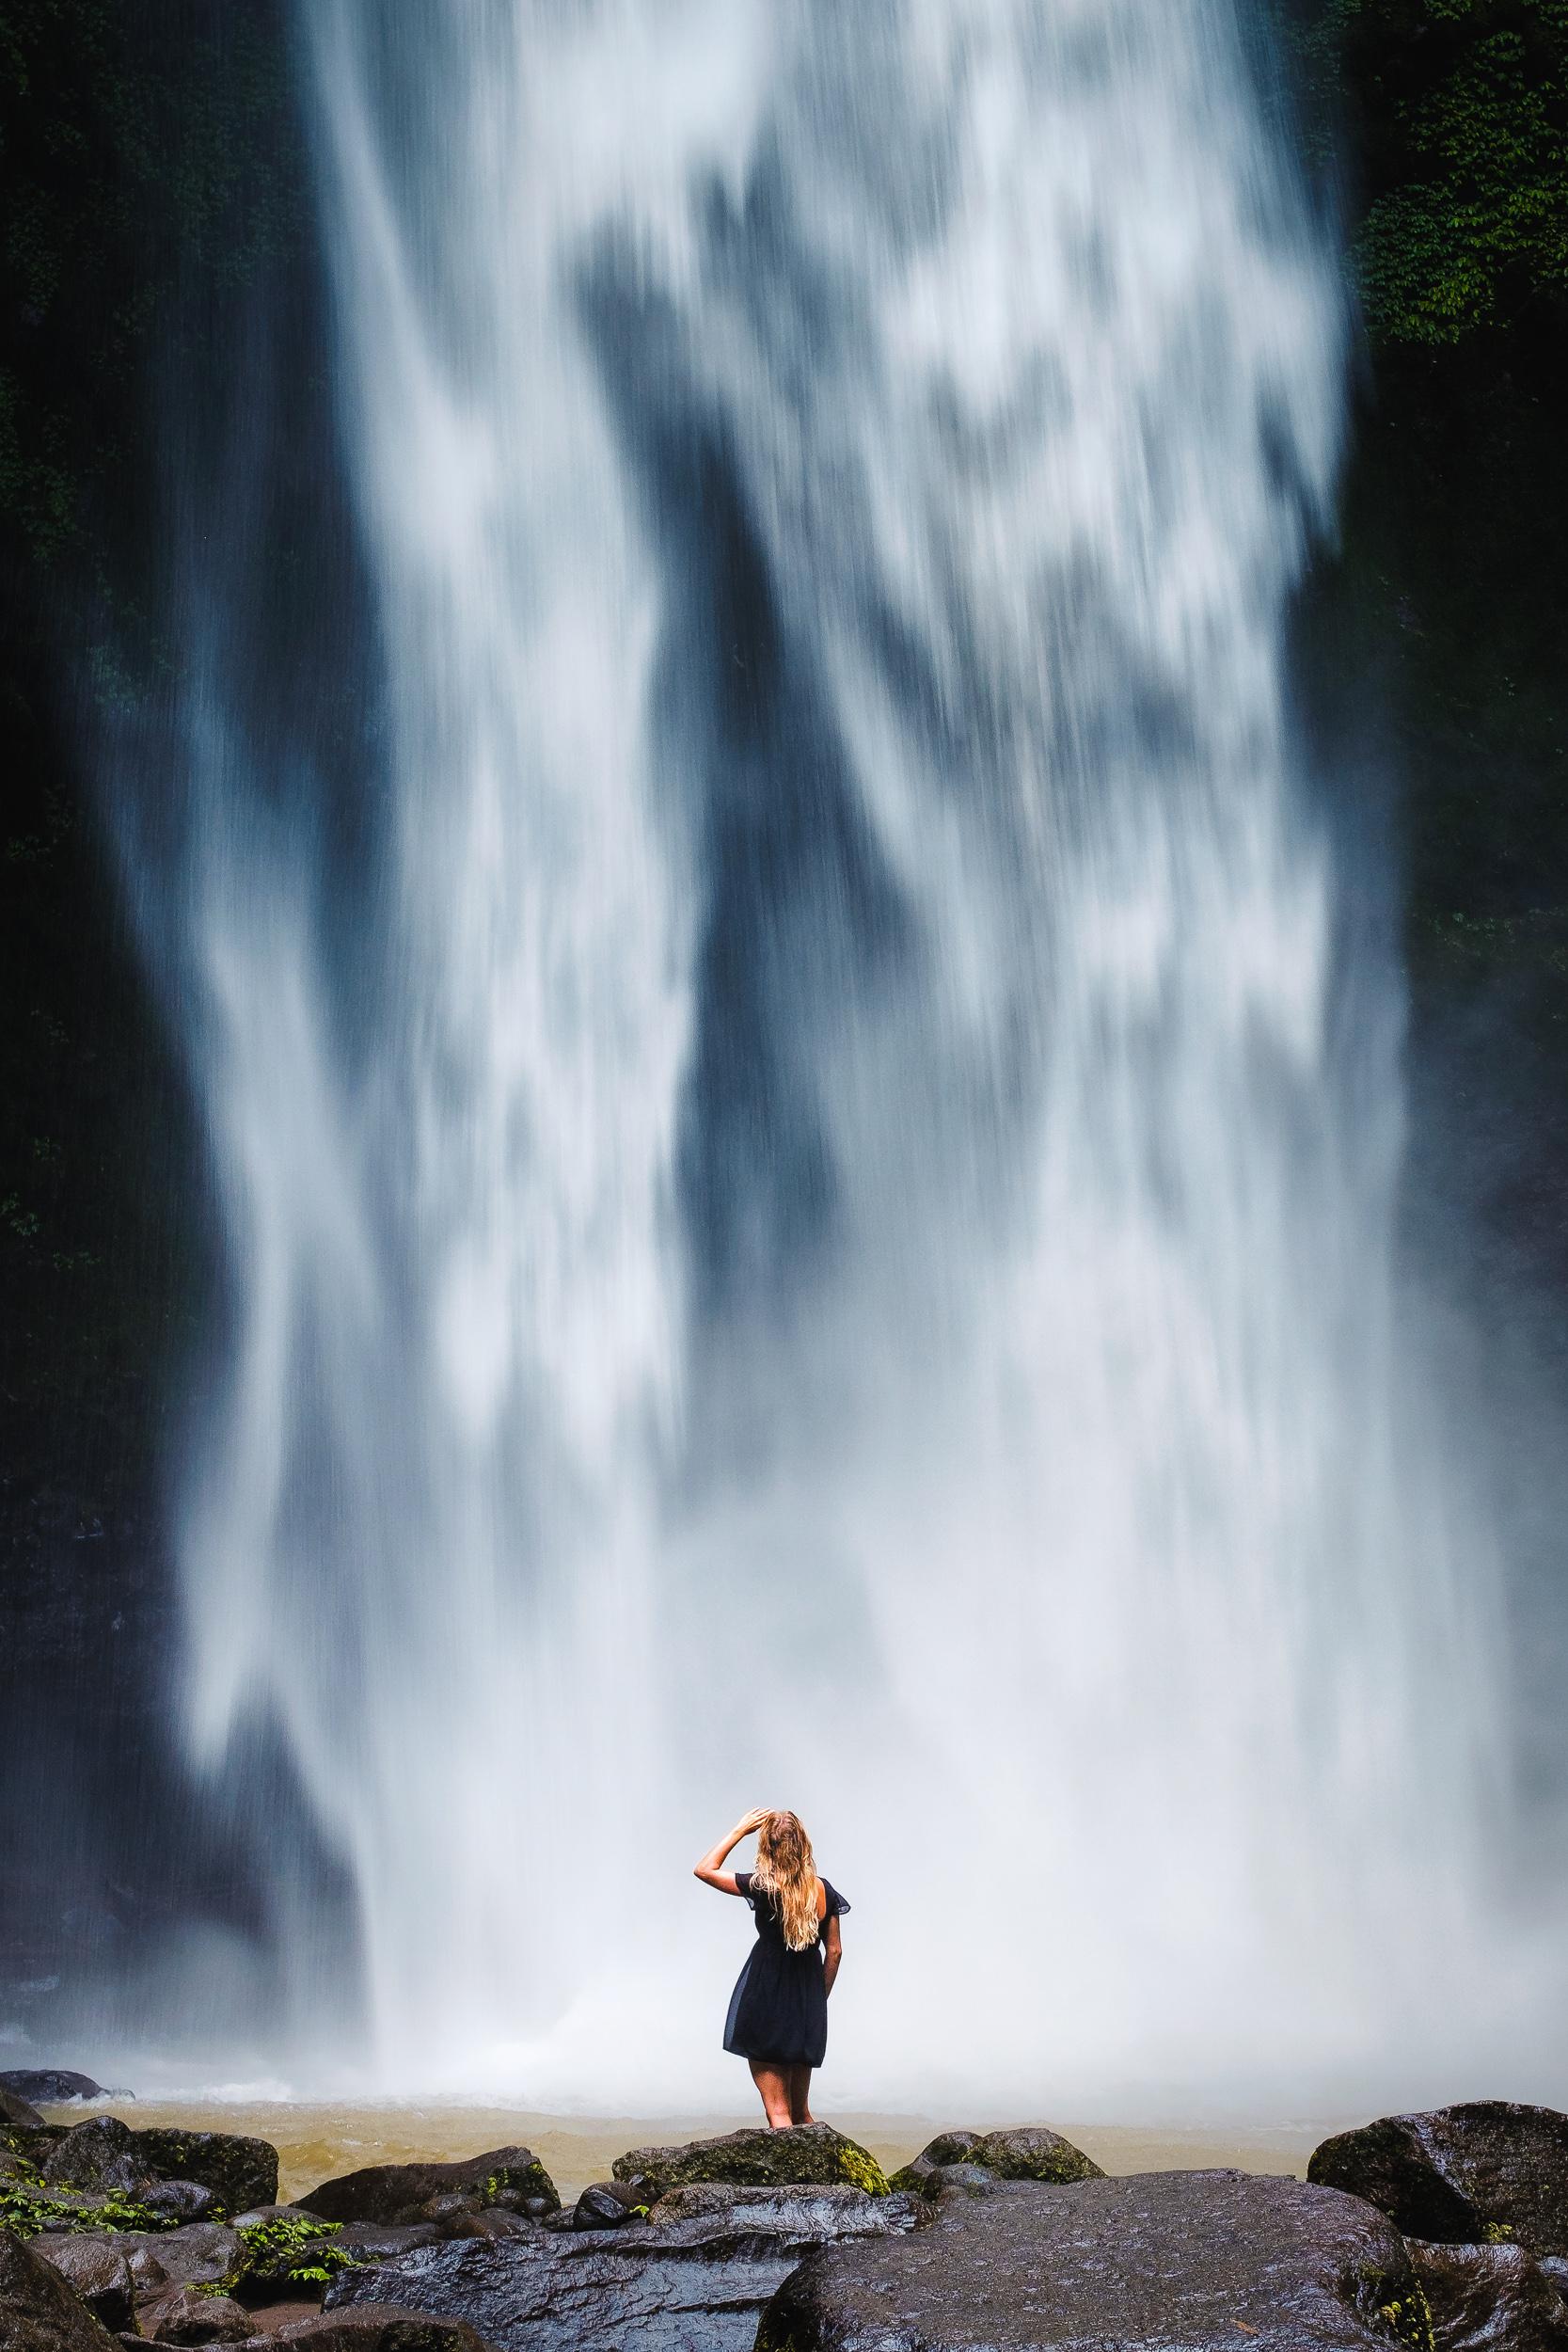 Nung Nung waterfall in Bali - Indonesia.  Fujifilm X-E3 + Fujinon XF 80mm f/2.8 R LM WR OIS Macro  1/30sec, f/9.0, ISO 320